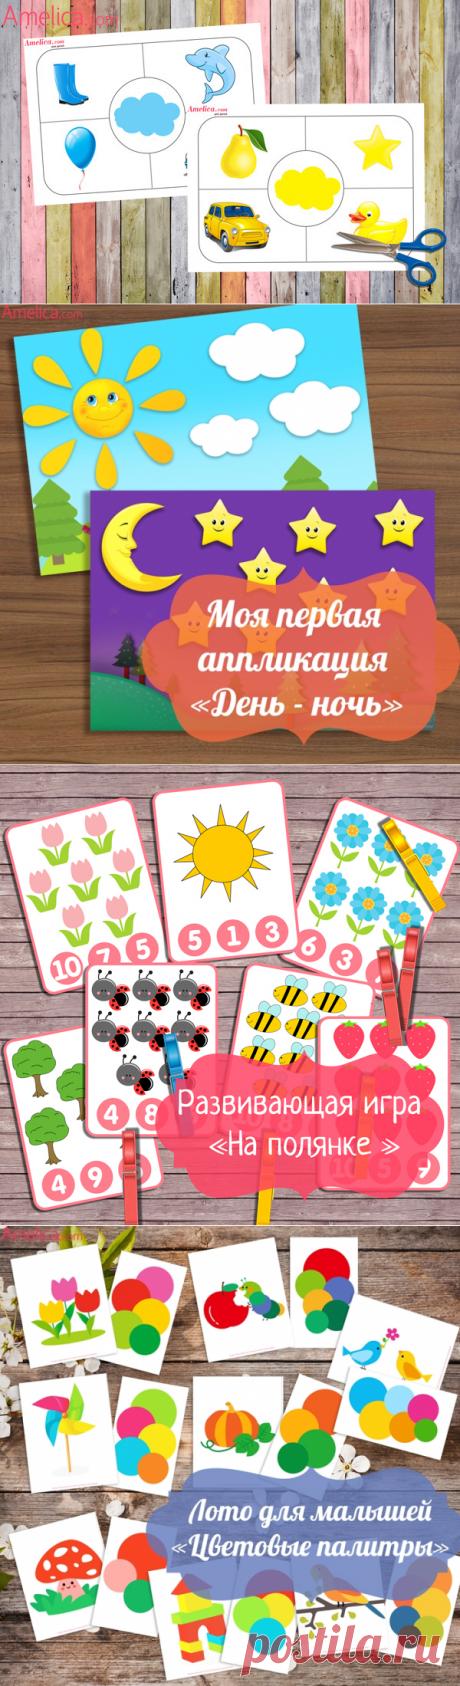 учим цвета развивающая игра для детей скачатьAmelica